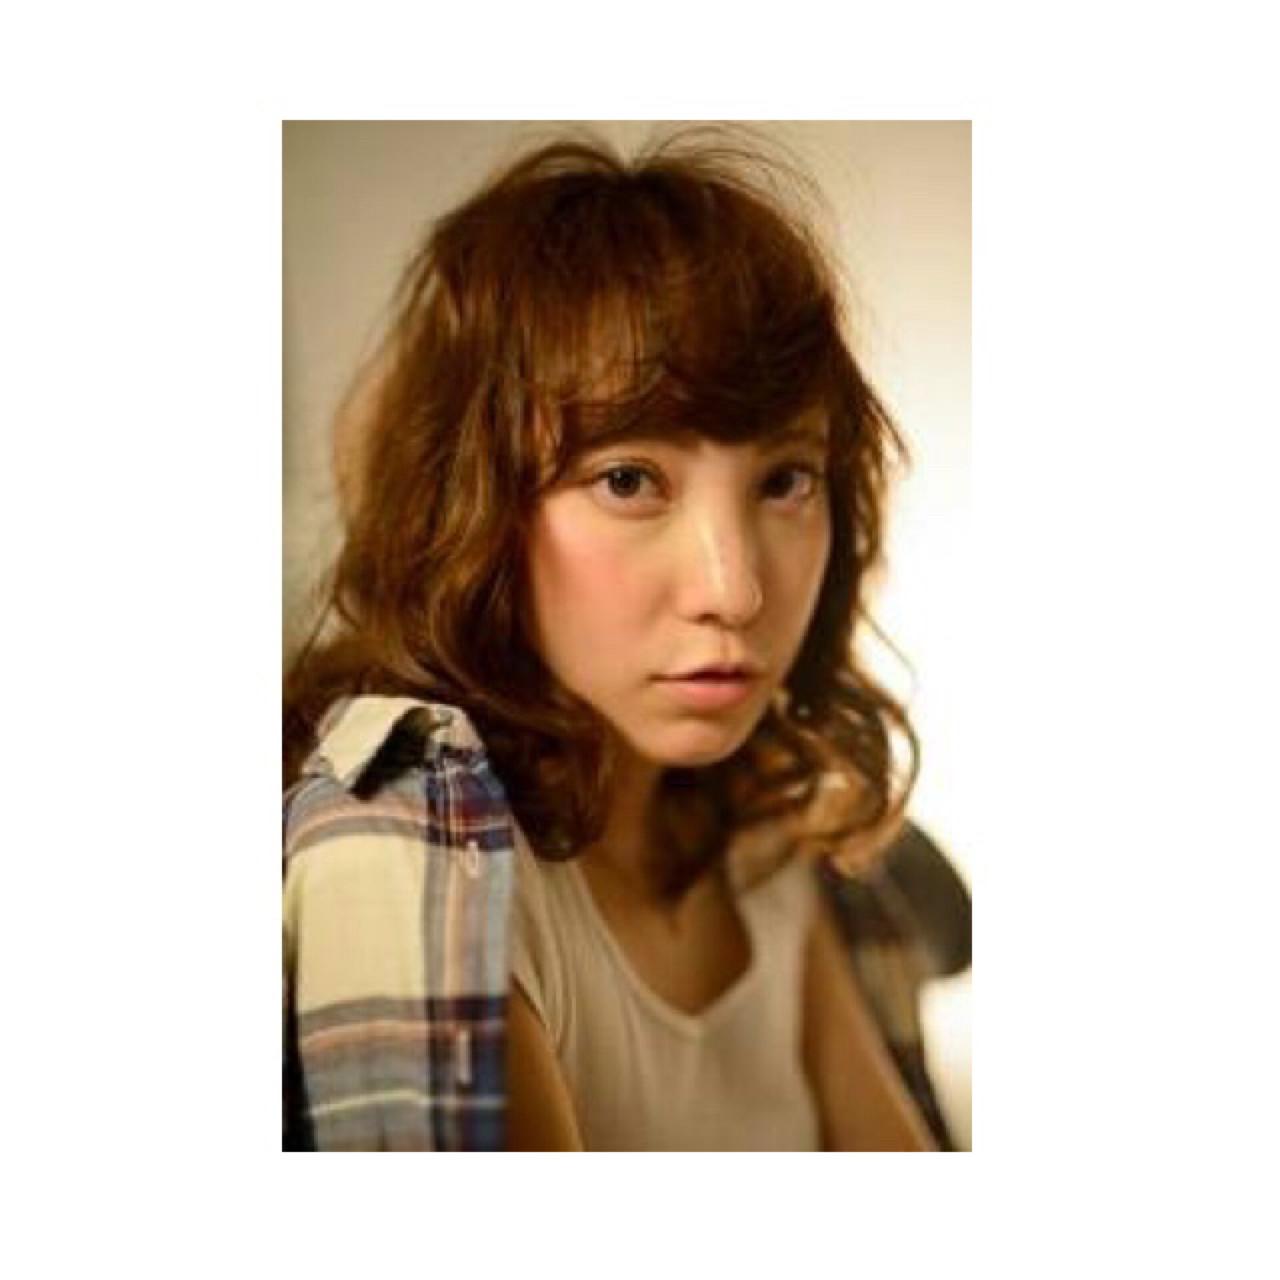 ストリート ゆるふわ おフェロ ミディアムヘアスタイルや髪型の写真・画像